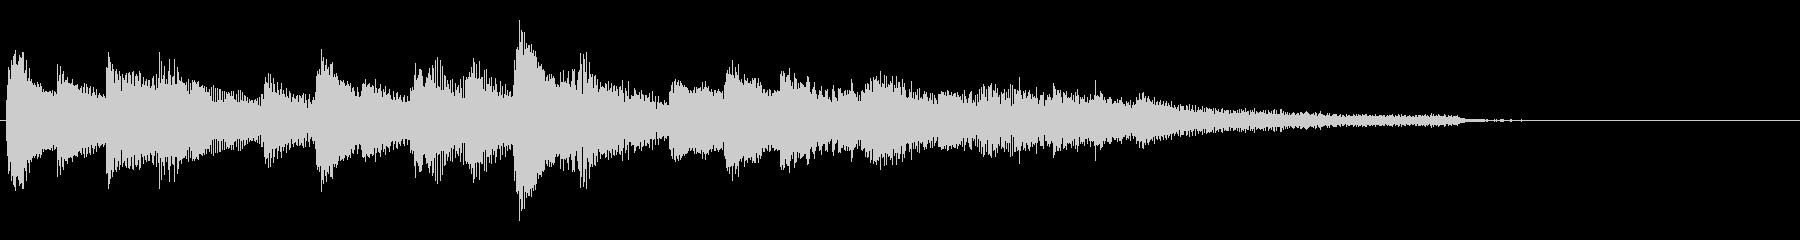 フレッシュな雰囲気のピアノソロジングルの未再生の波形